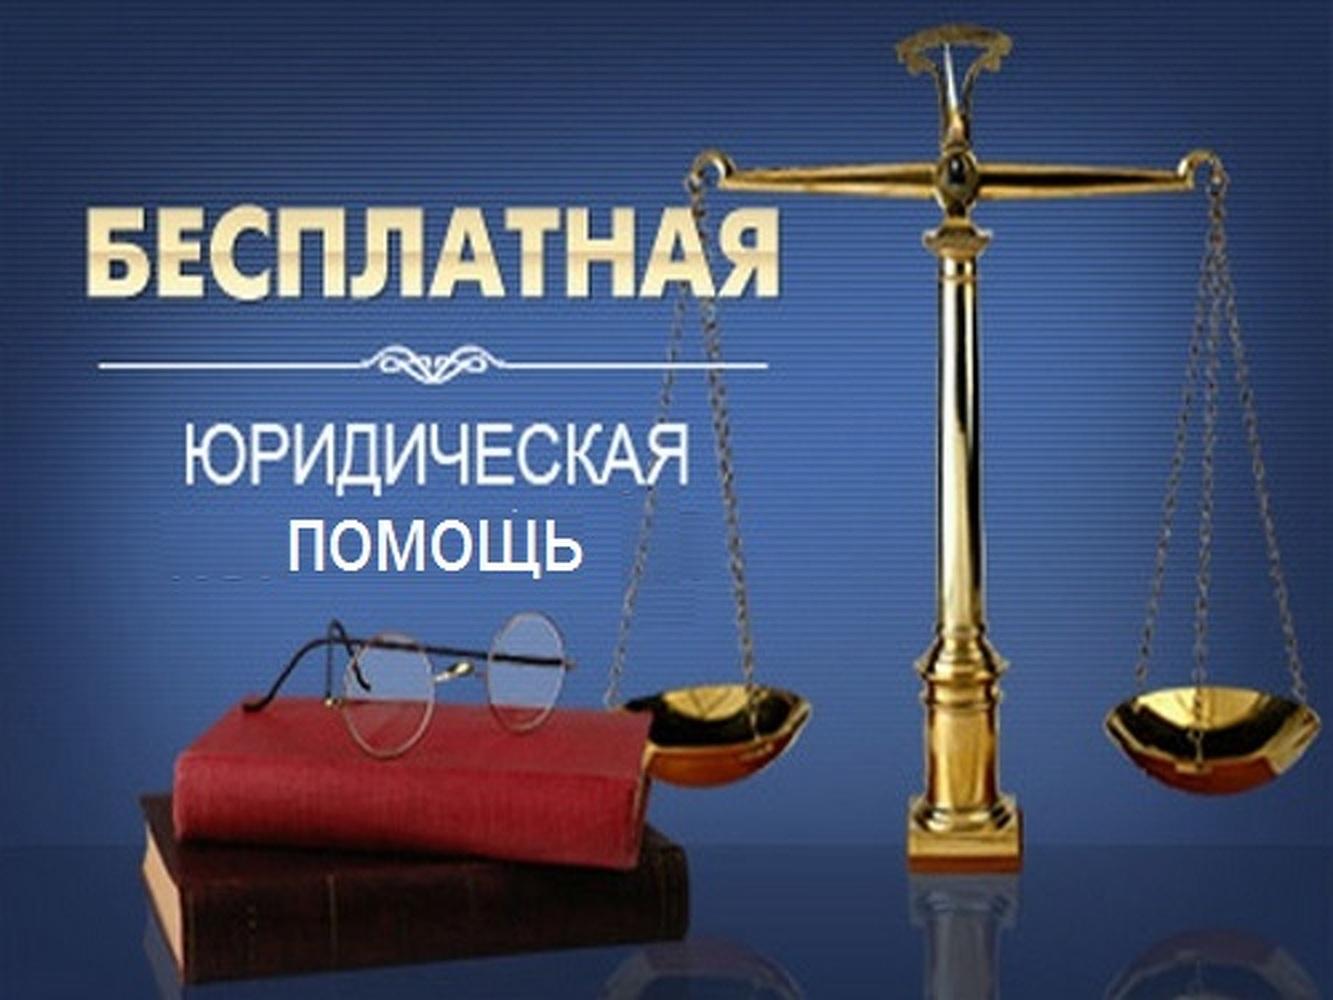 адреса бесплатных юридических консультации